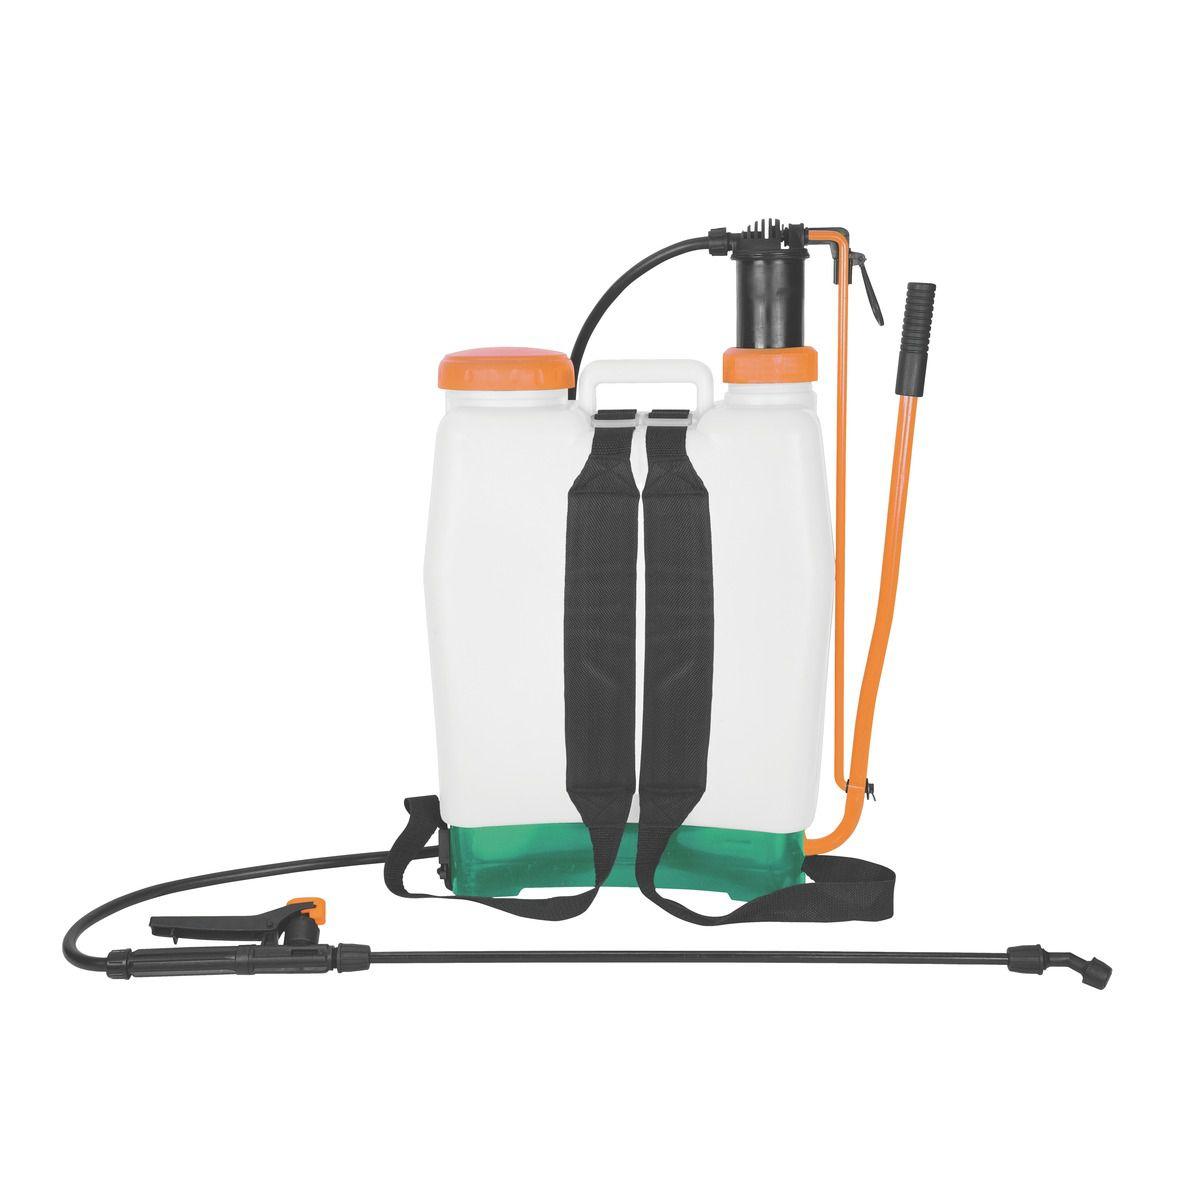 Pulverizador Costal Manual 16 L Resistente - Tramontina